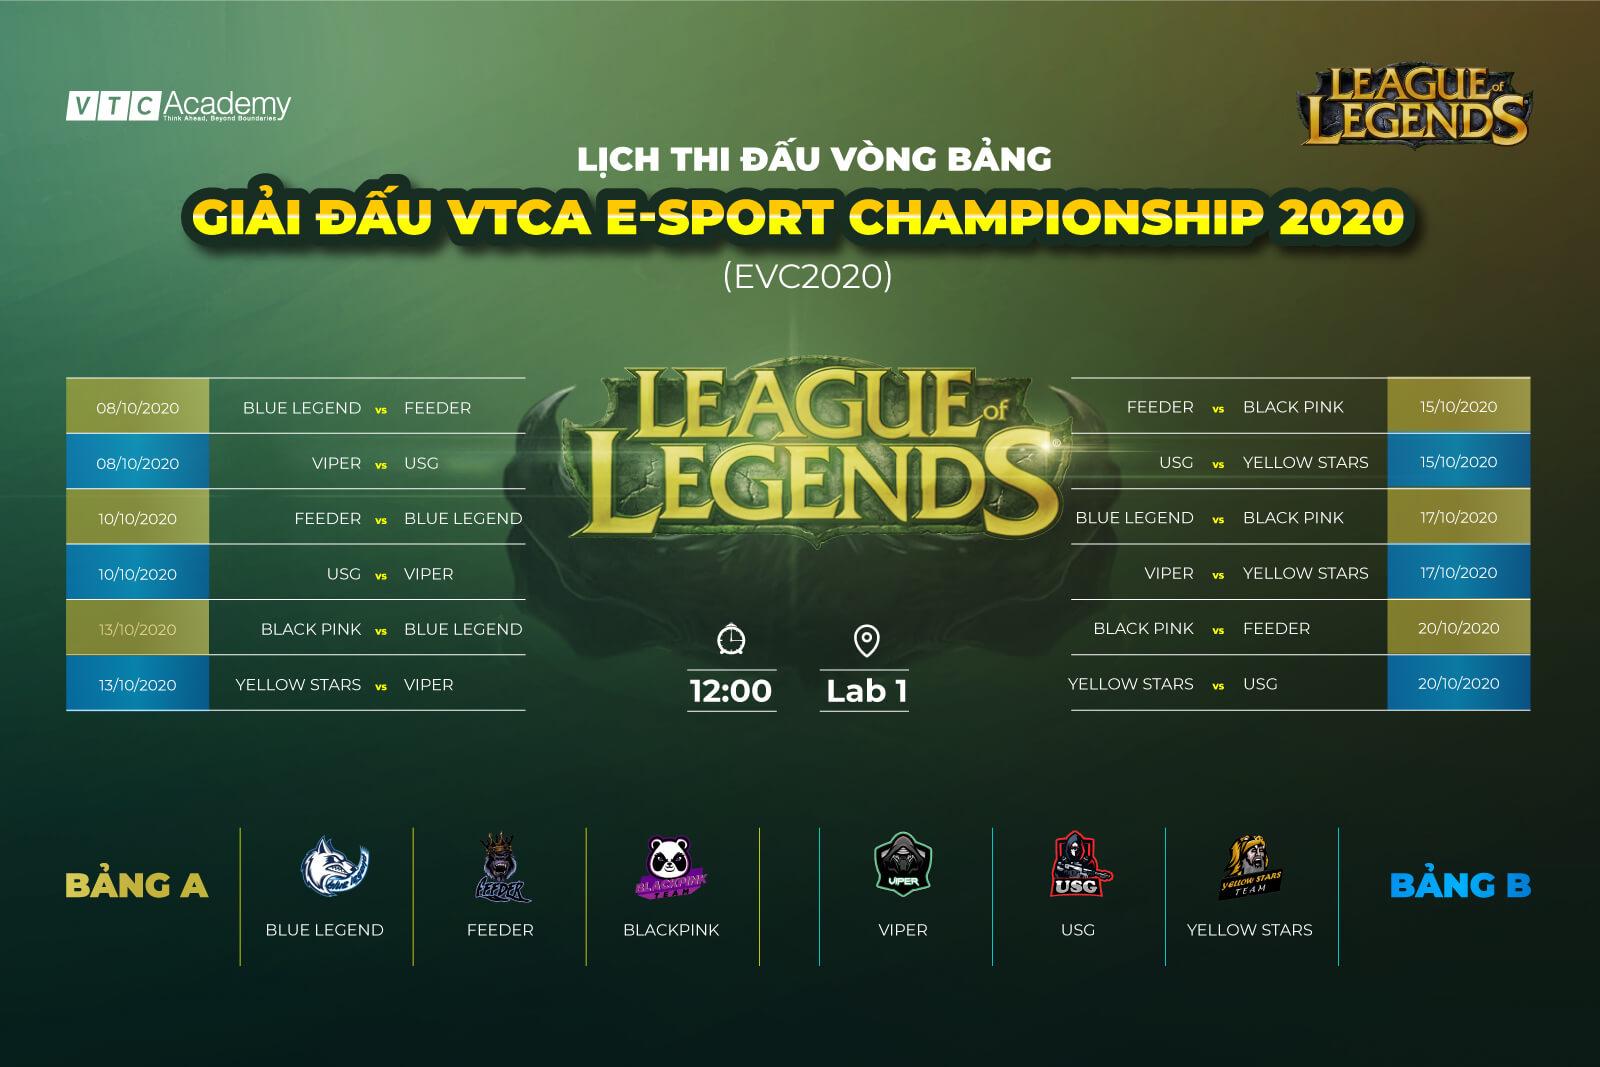 Giải đấu VTCA E-Sport Championship 2020 chính thức khởi động